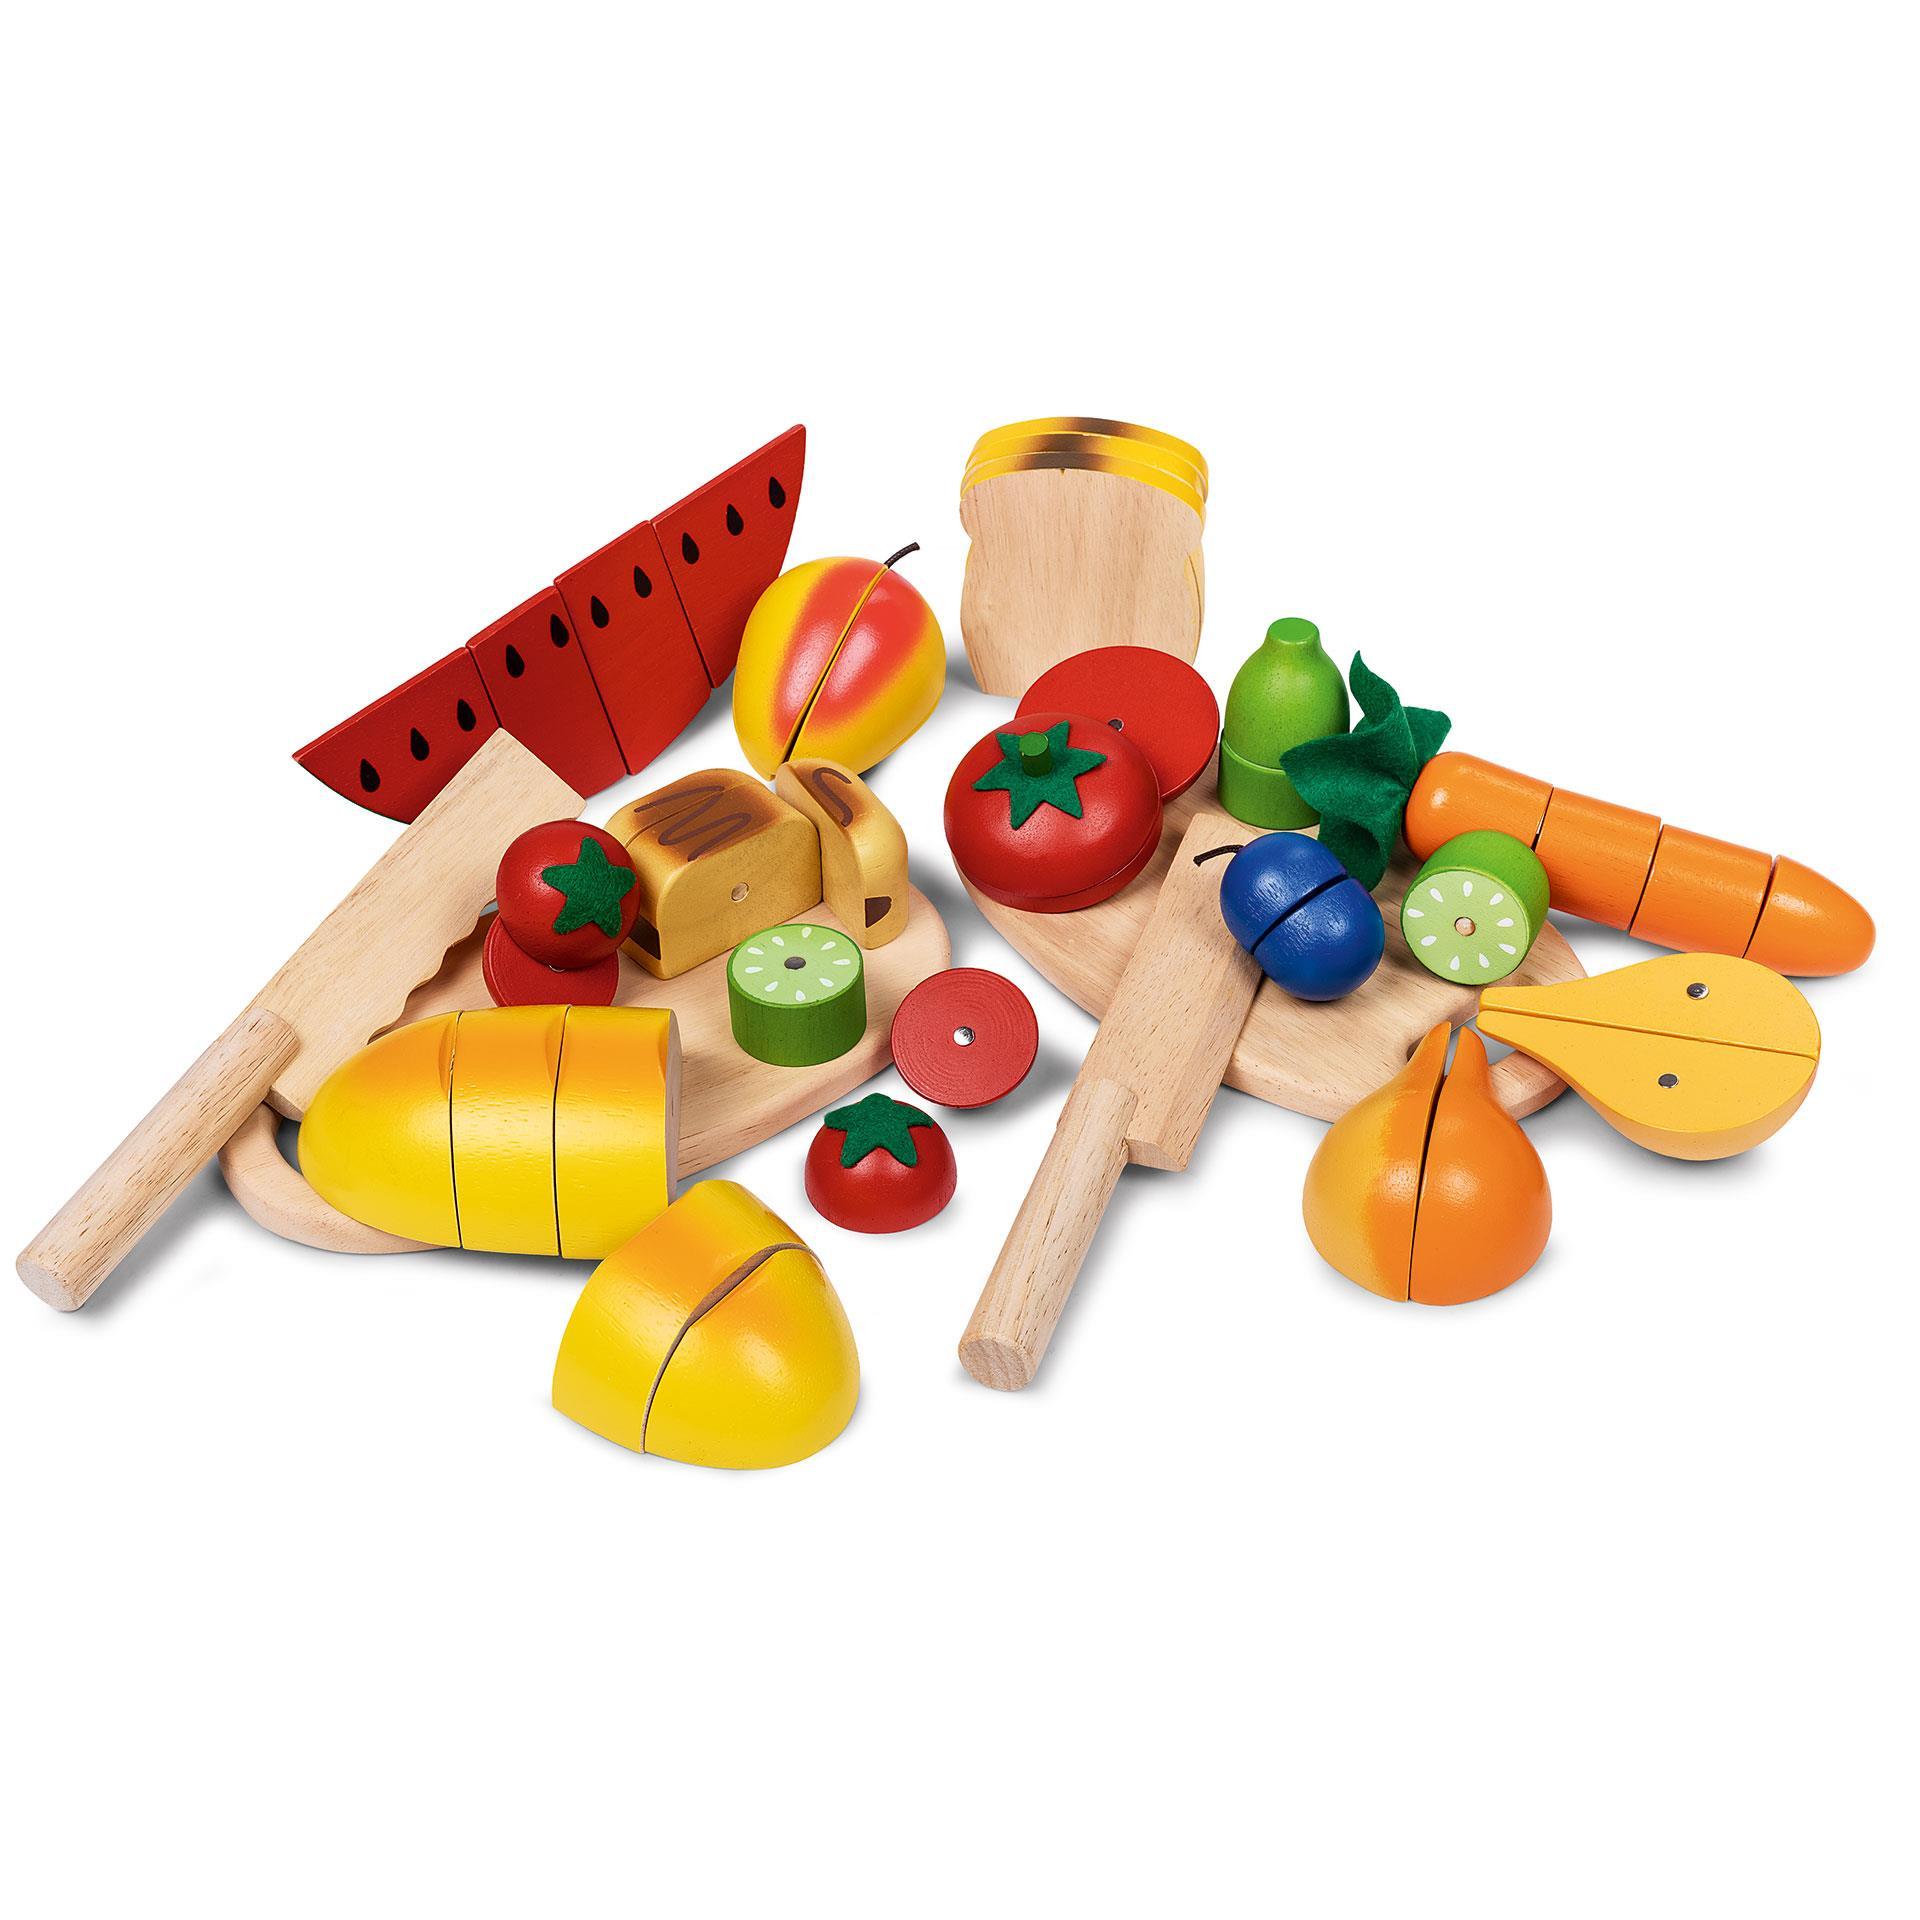 Holz Brot, Gemüse und Früchte Mischung 17tlg.